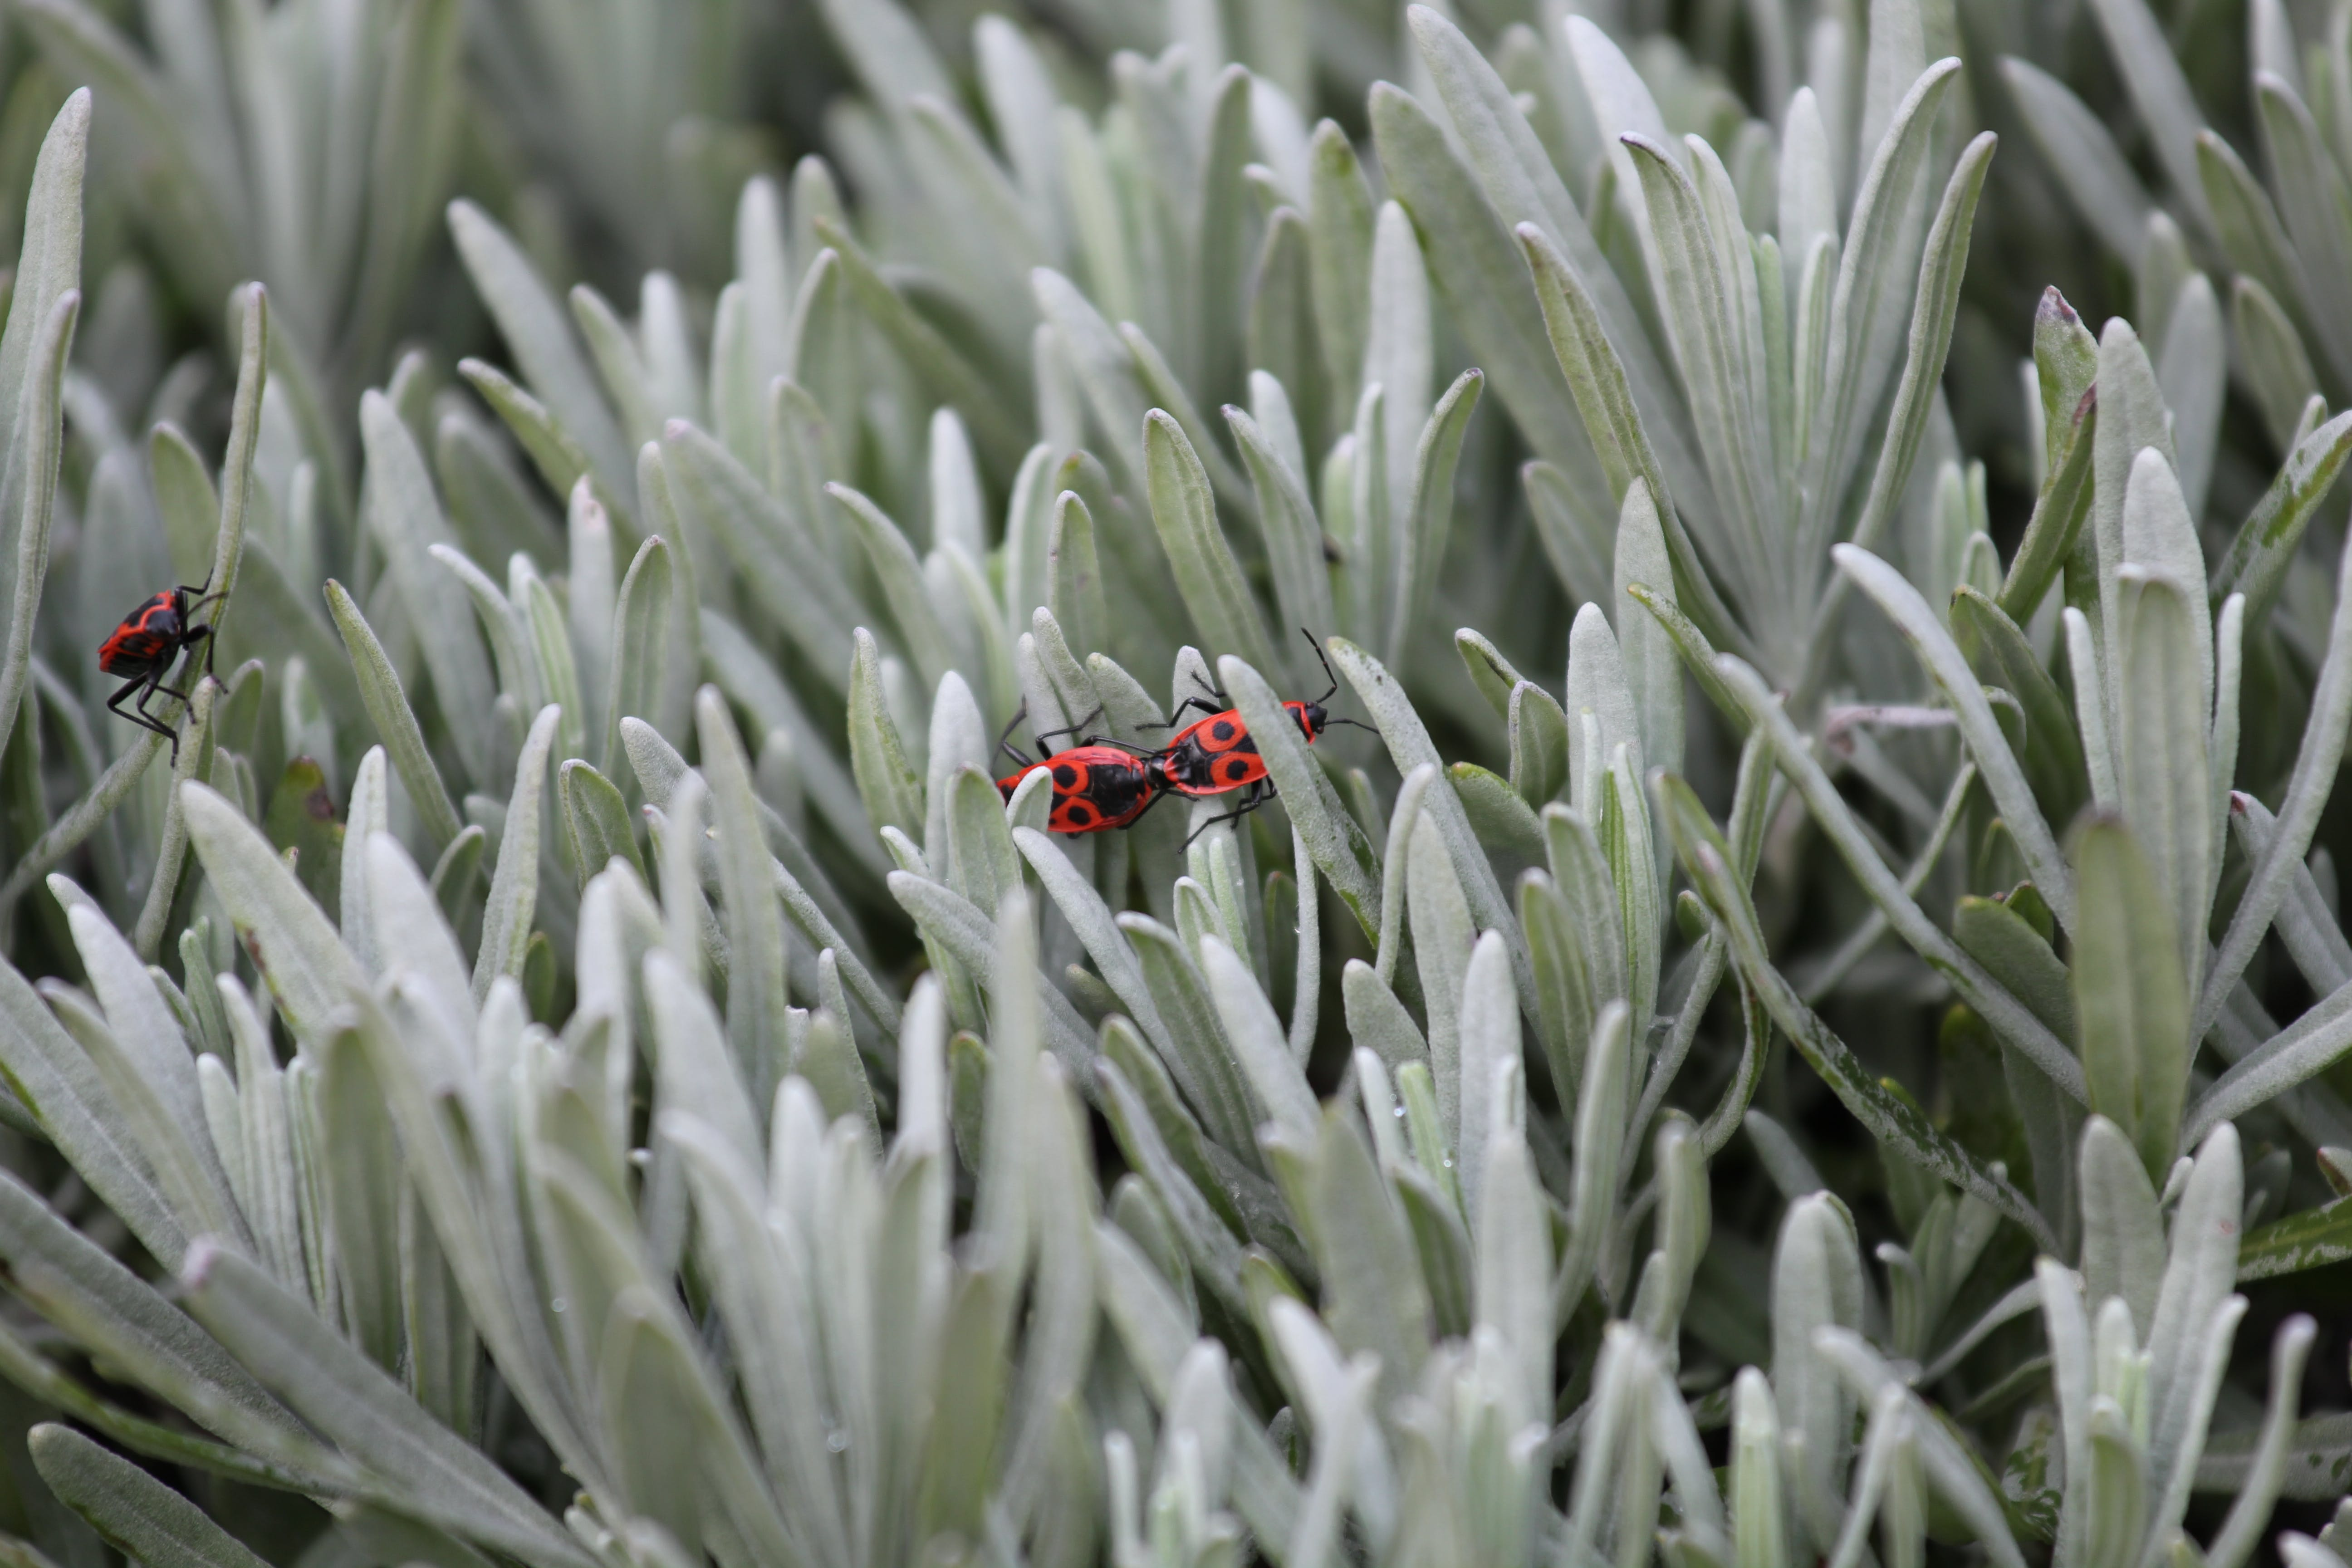 Firebugs Mating